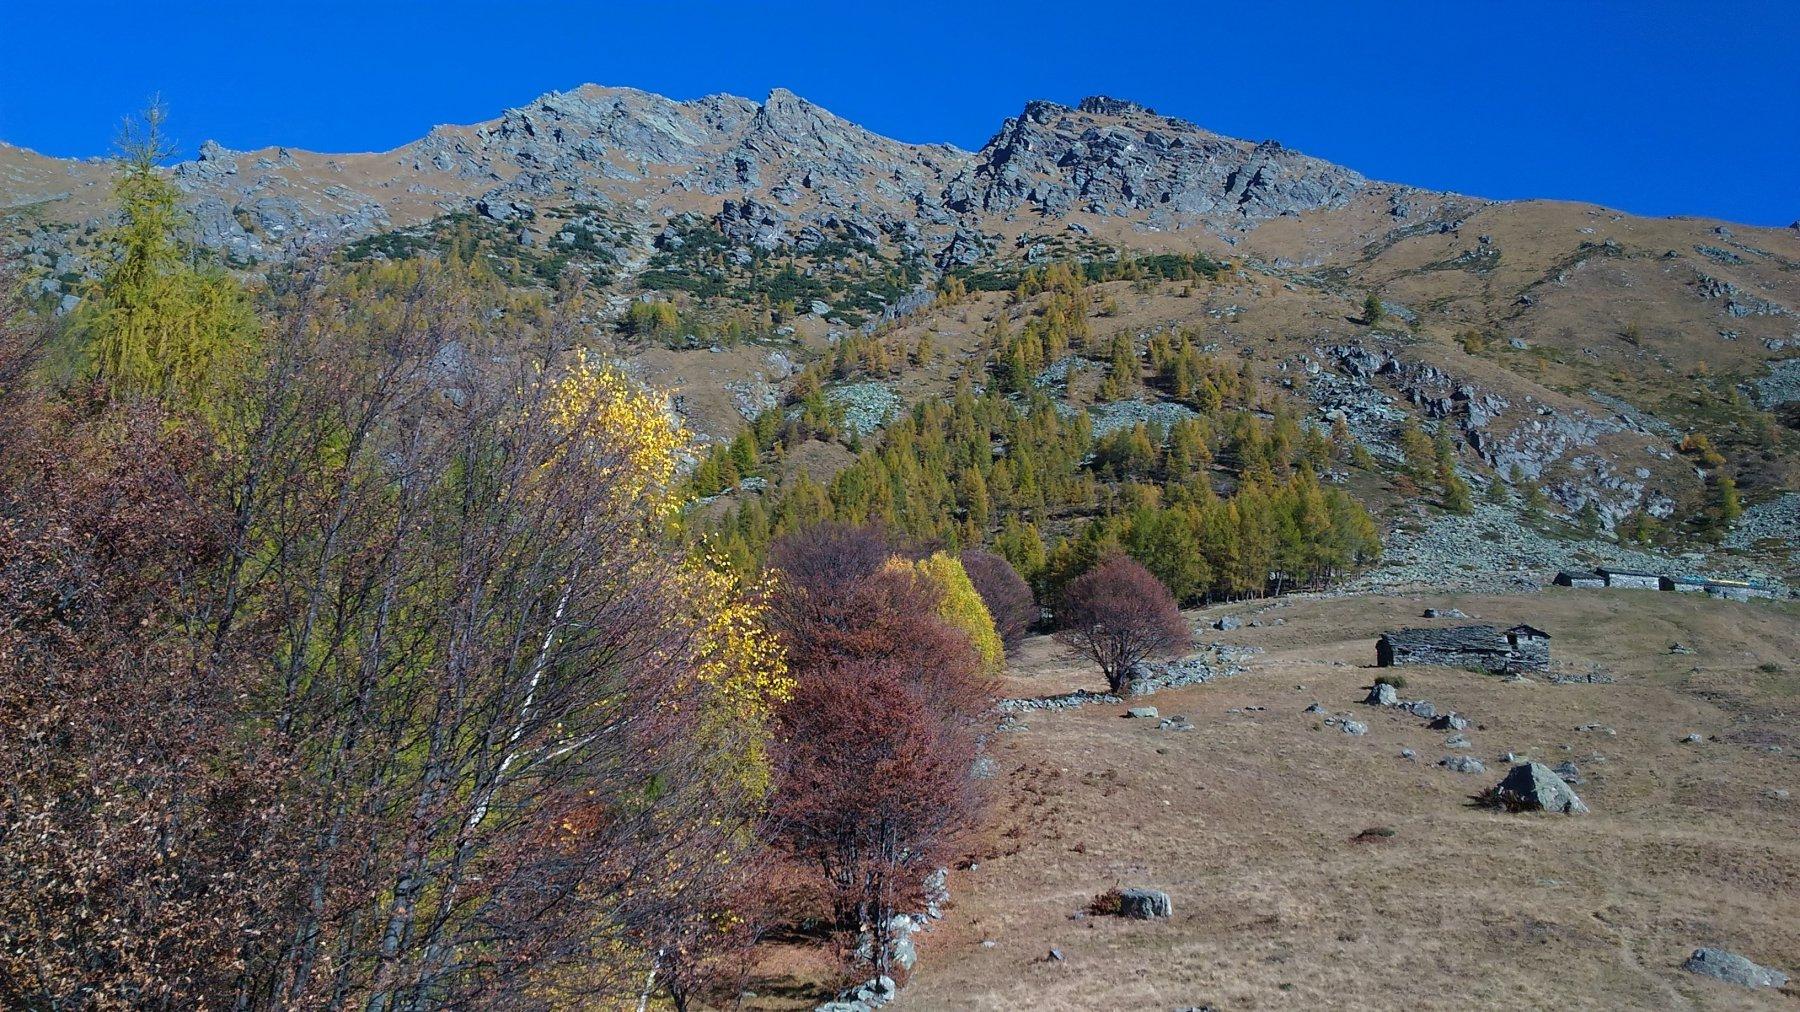 Il canale sud visto dall'Alpe d'Attia: è quello che porta alla marcata insellatura